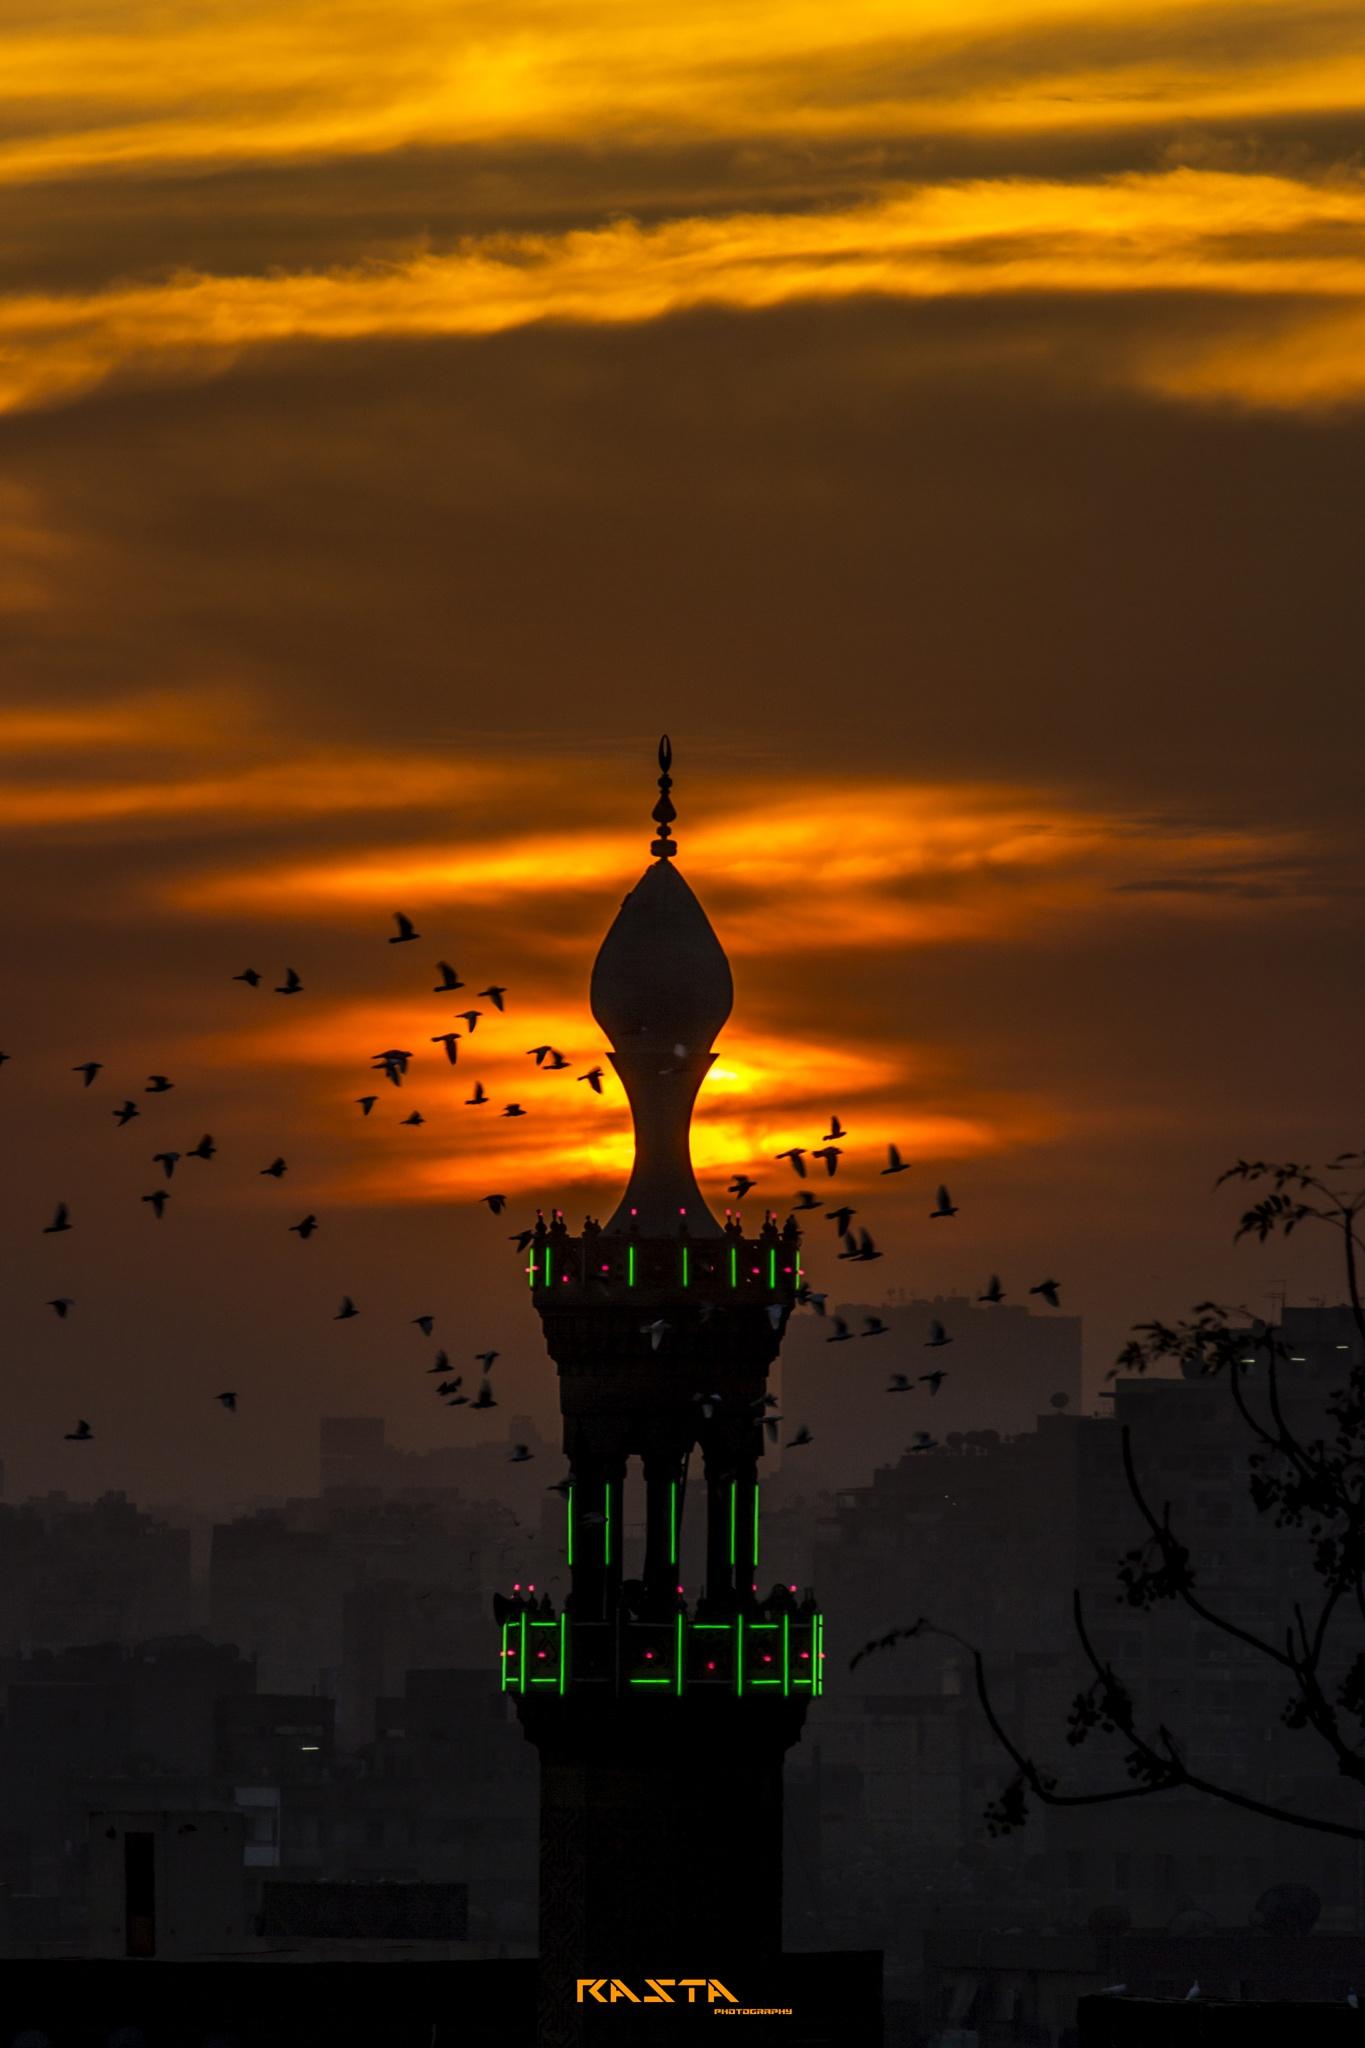 sunset by Rasta Mohamed